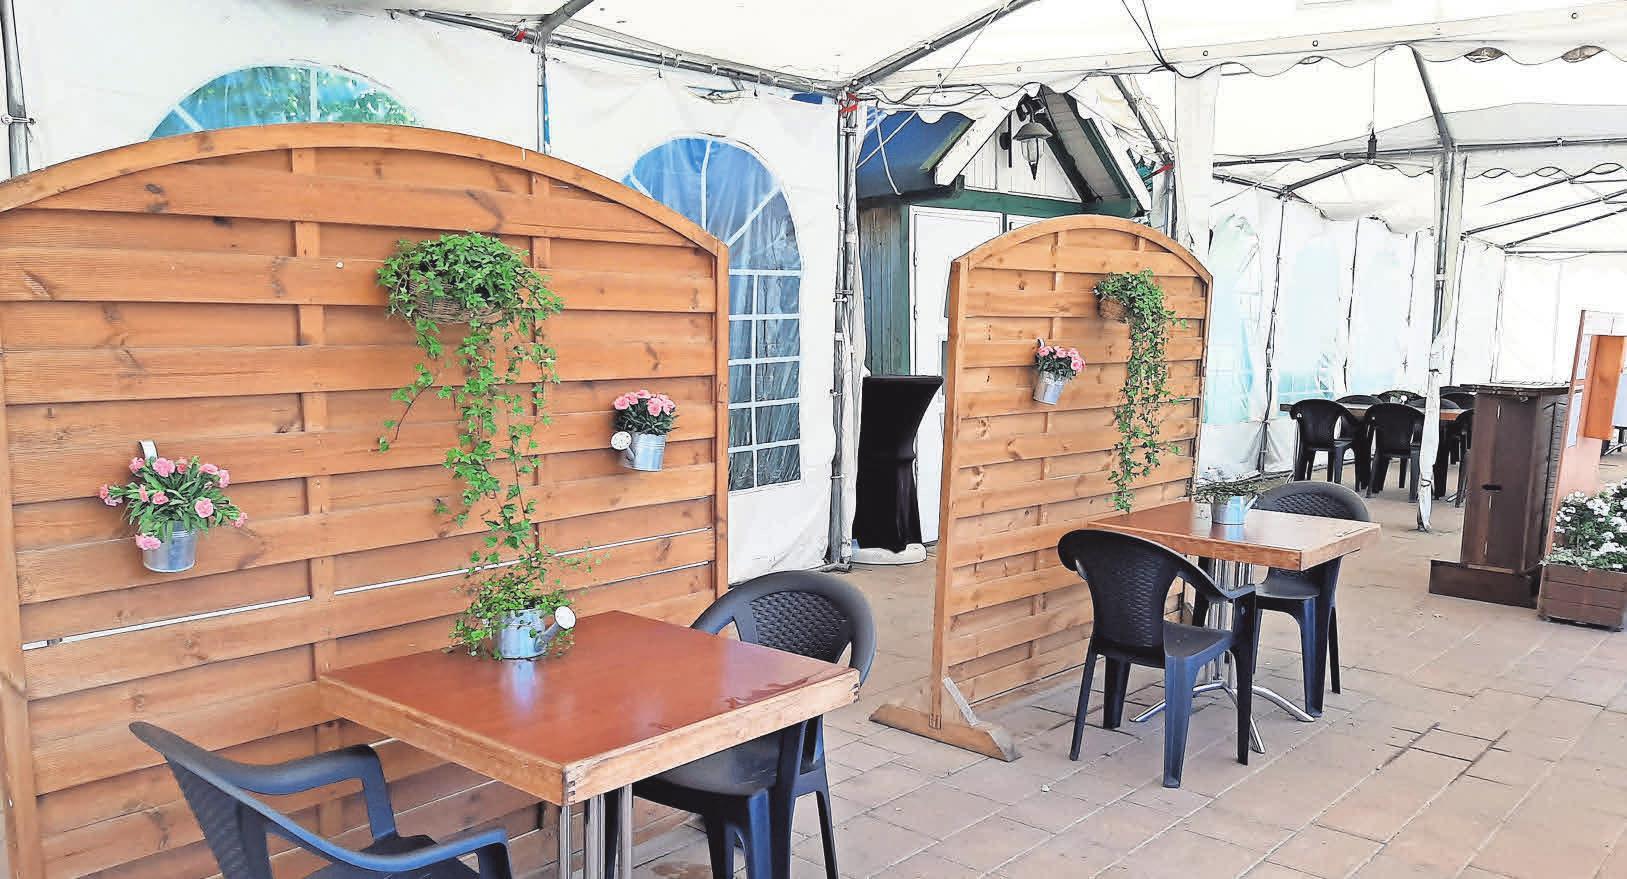 Hier können Besucher in entspannter Biergartenatmosphäre speisen.